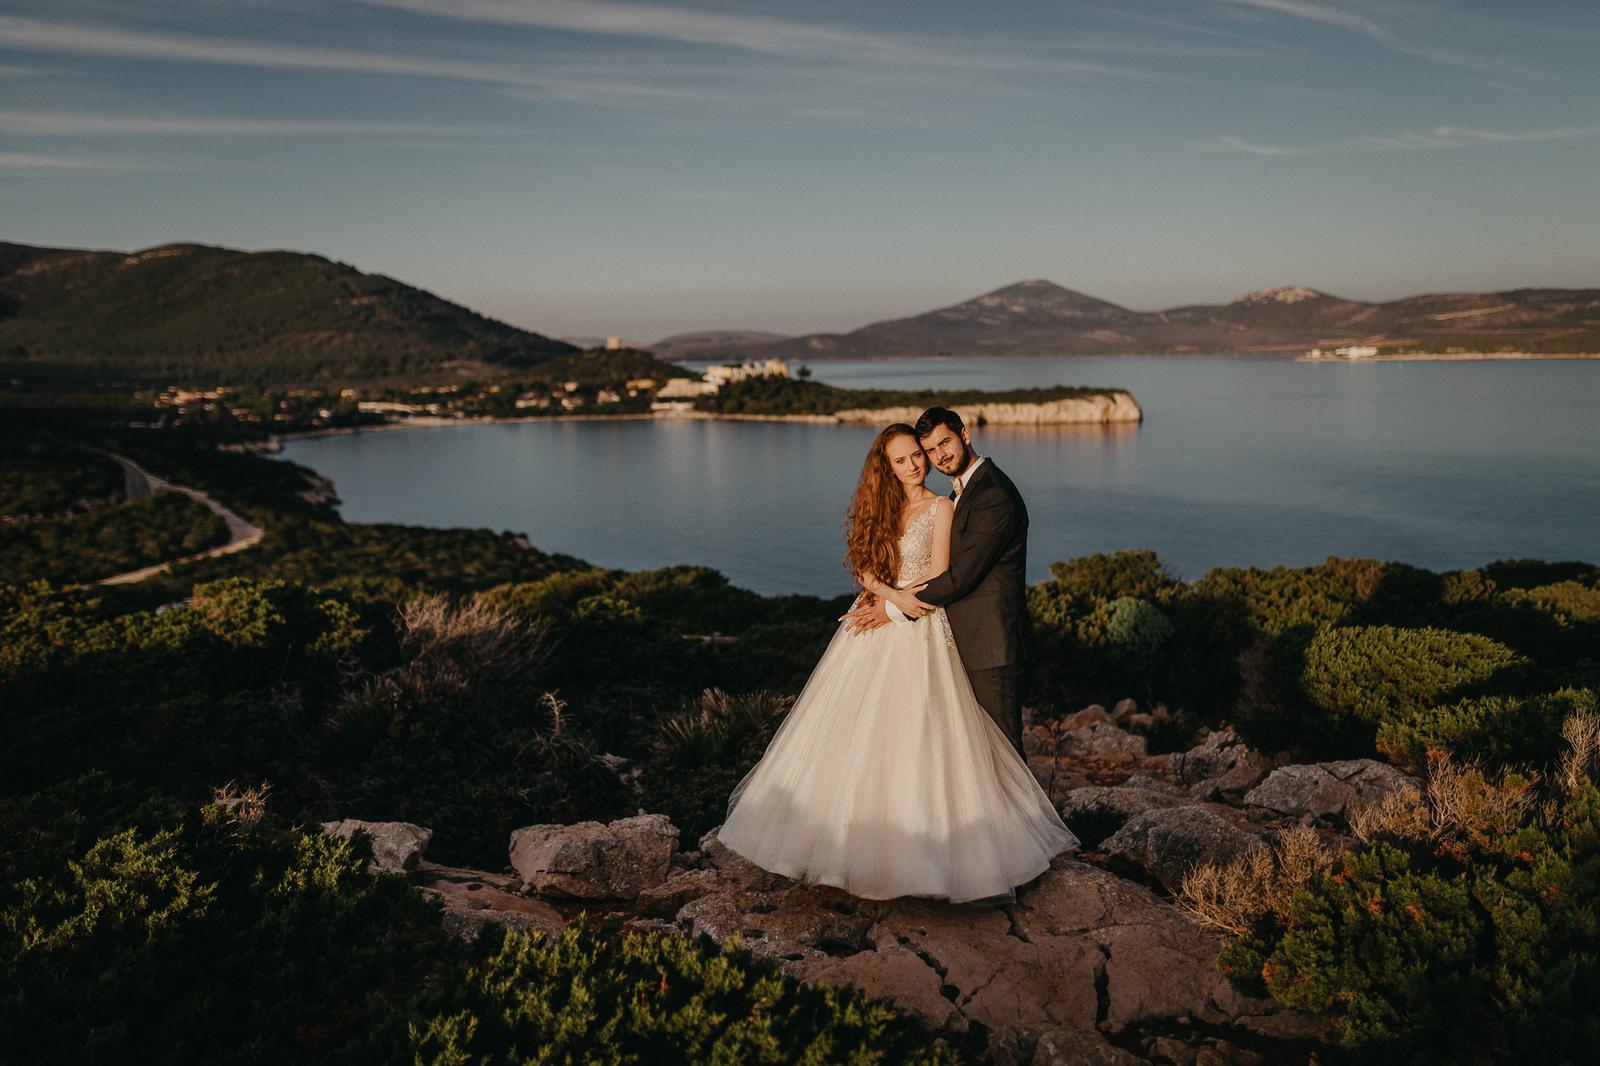 Naše svadobné fotenie na Sardínii - Obrázok č. 76